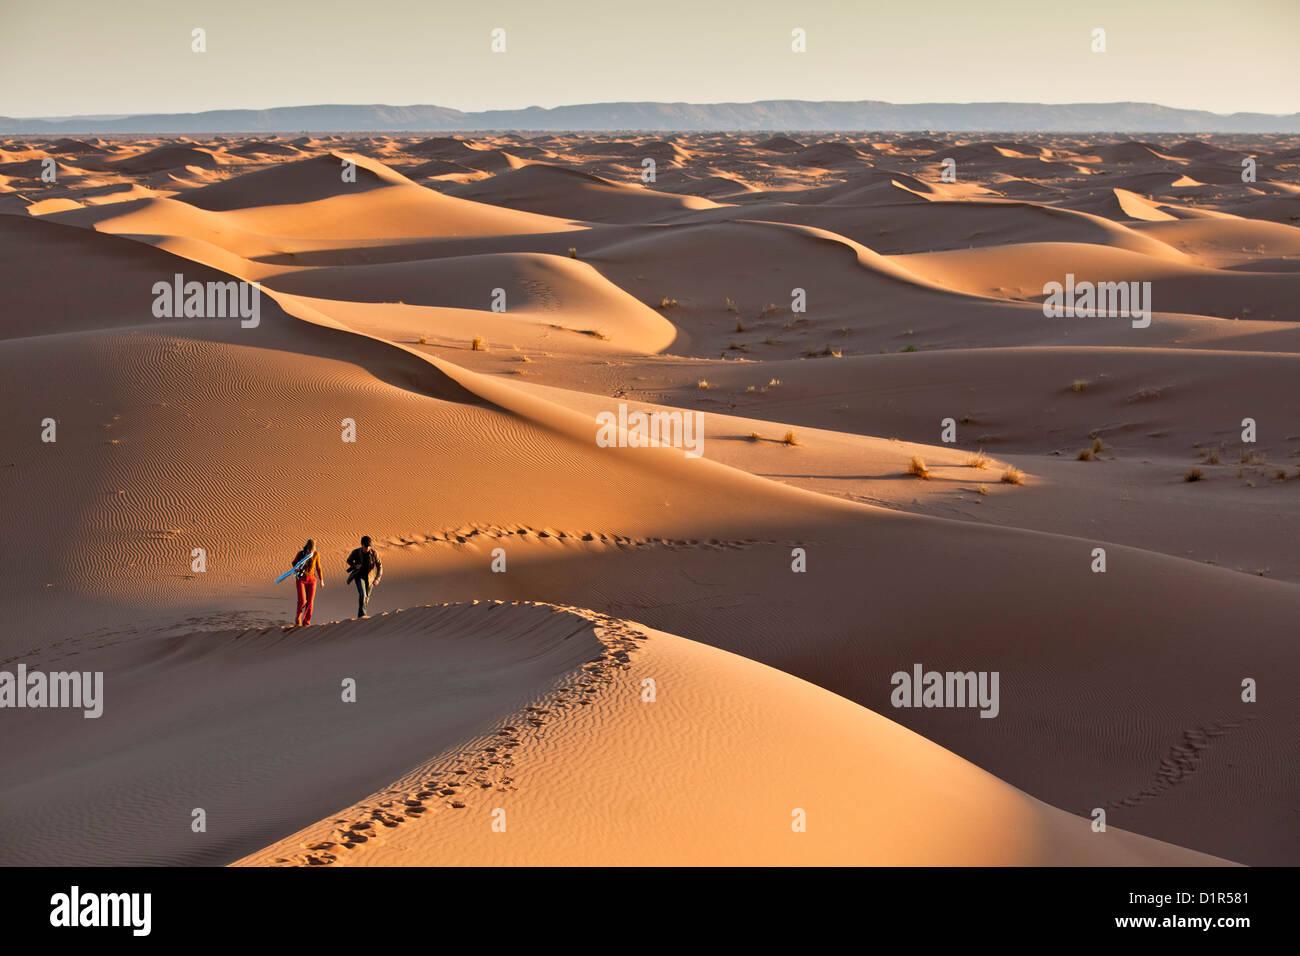 Il Marocco, M'Hamid, Erg Chigaga dune di sabbia. Deserto del Sahara. I turisti sulle dune di sabbia. Immagini Stock